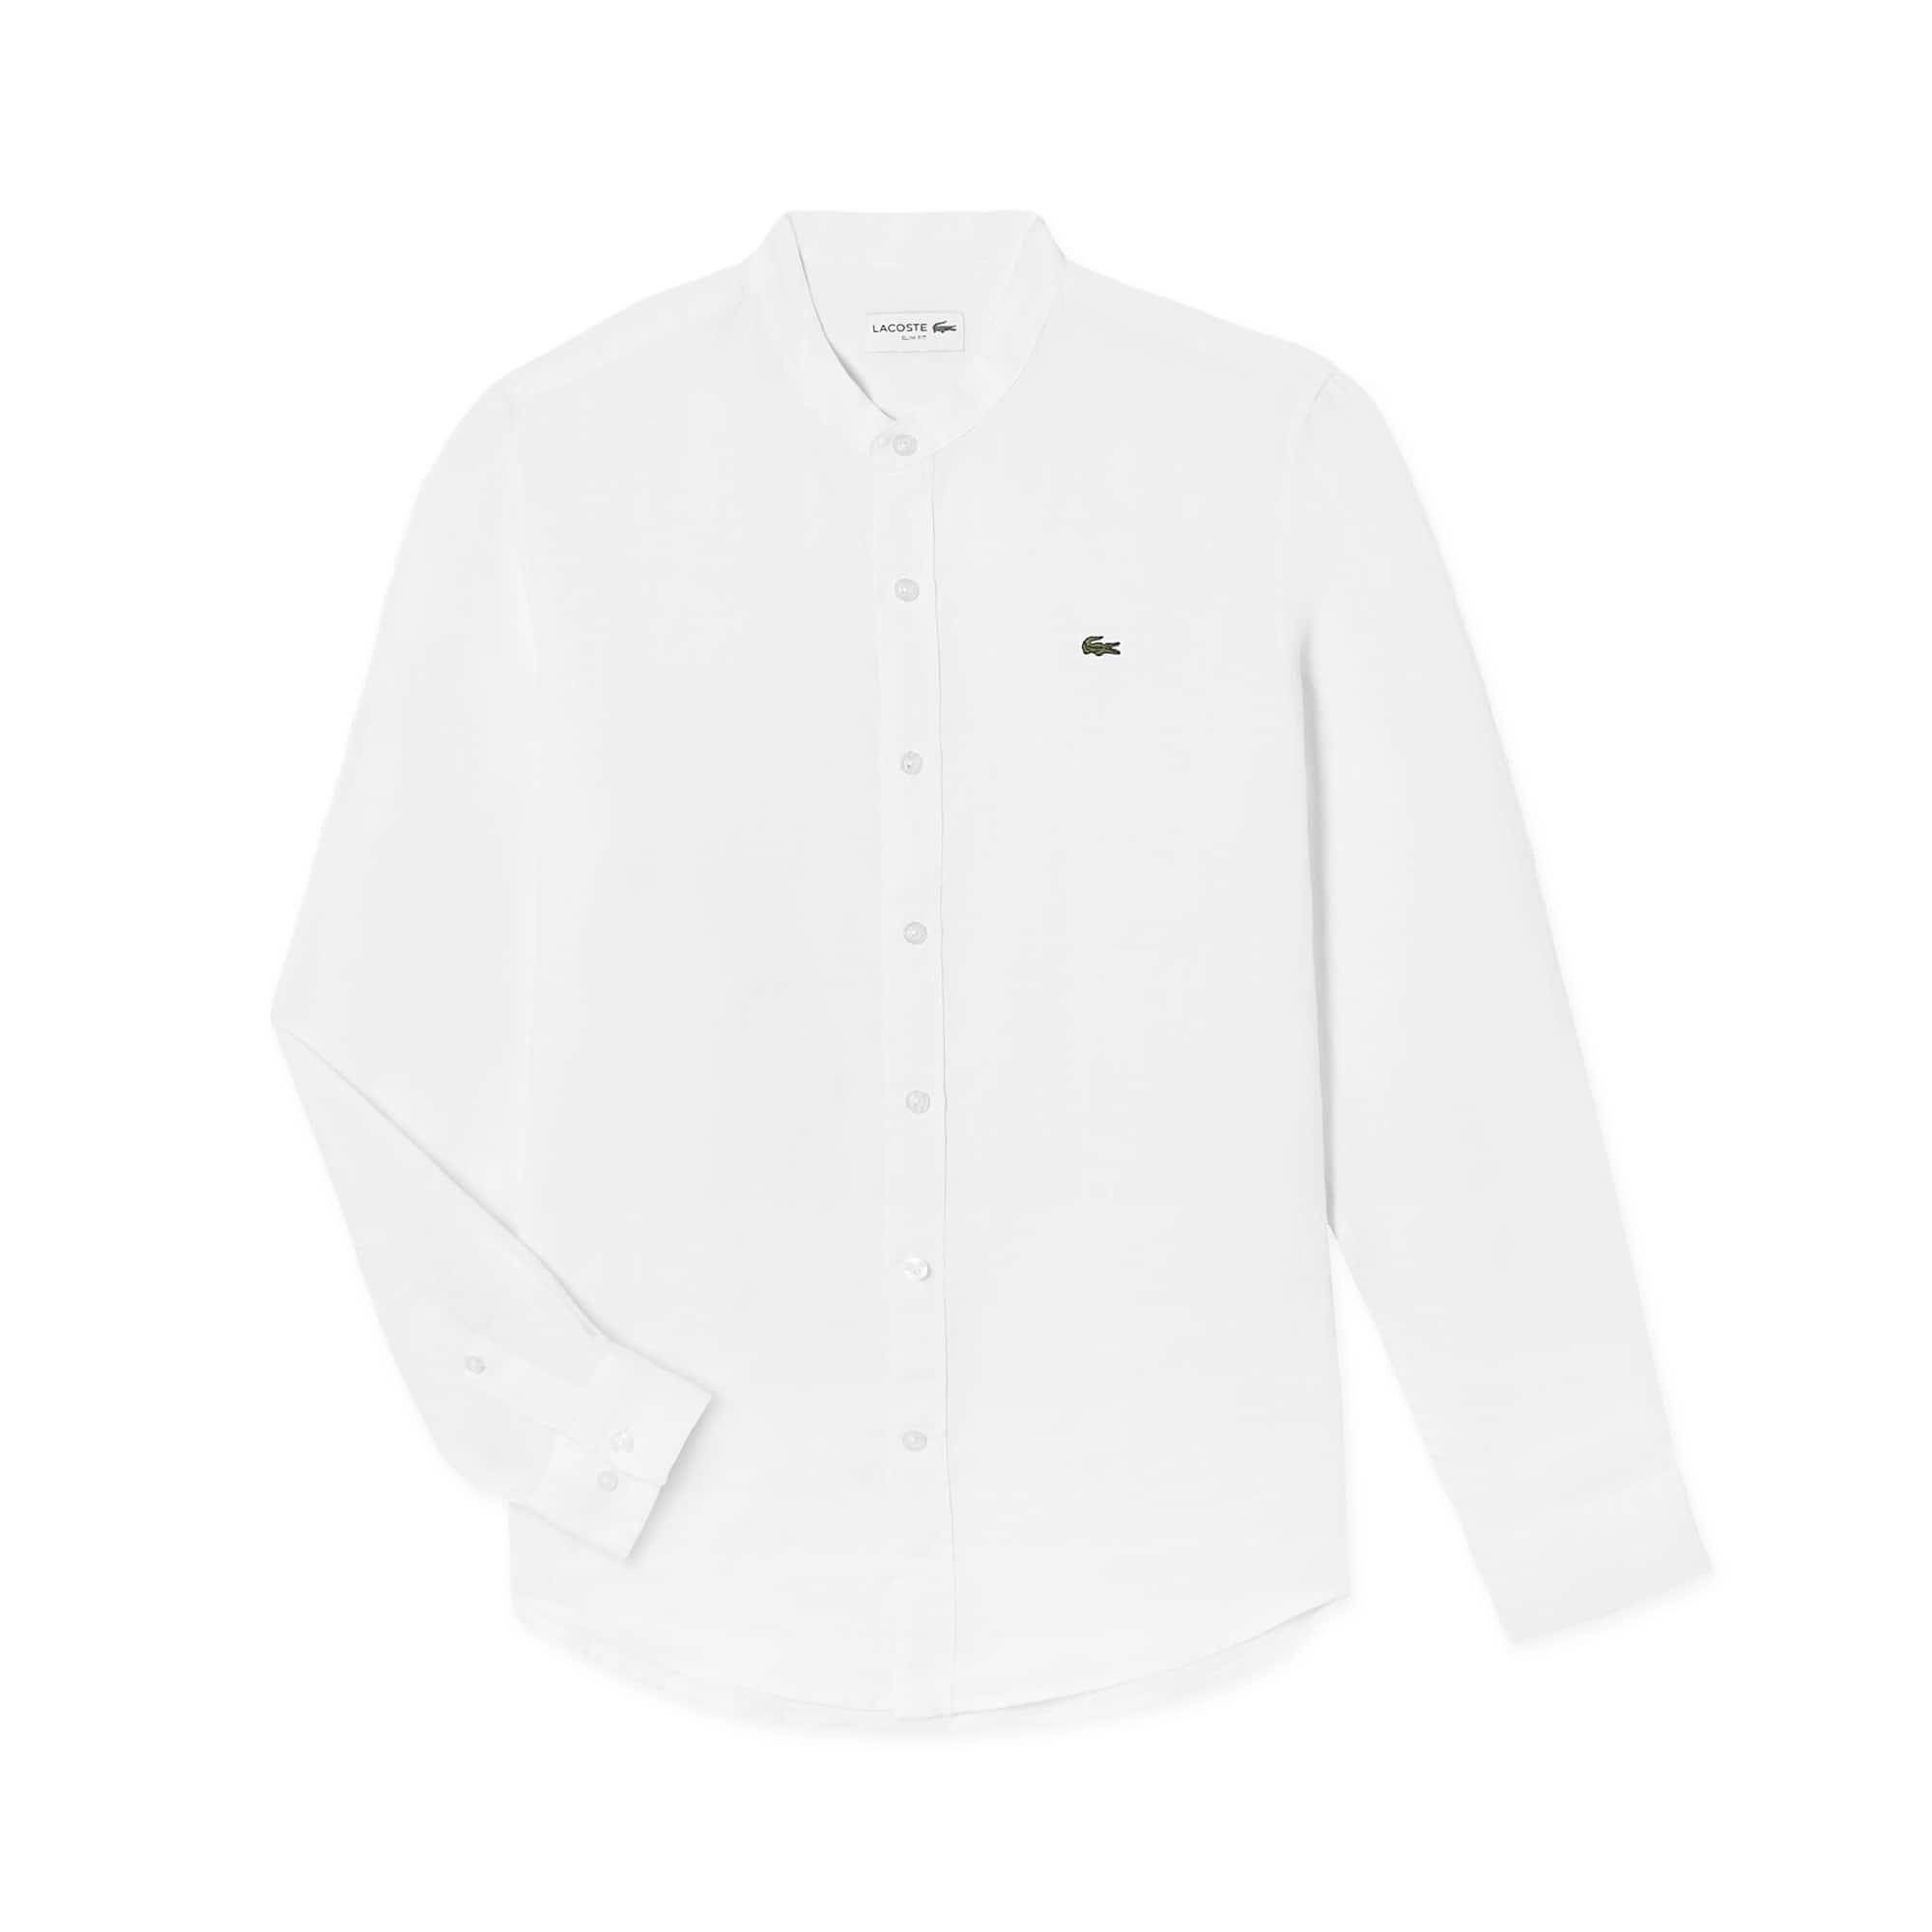 (남성) 린넨 차이나칼라 셔츠